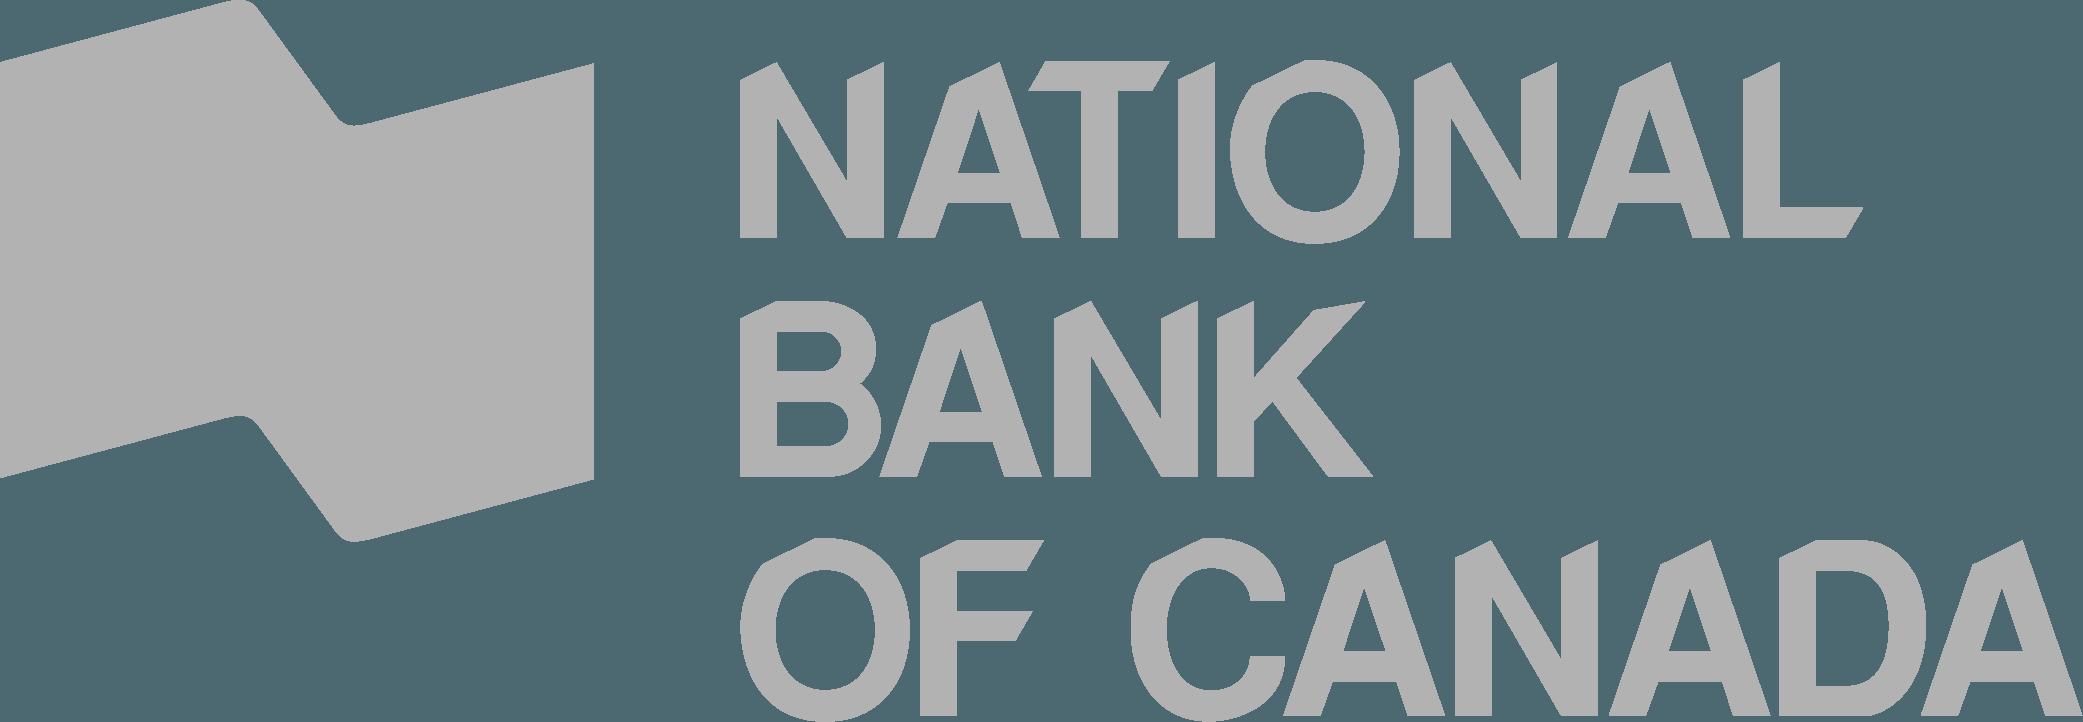 logo de la banque nationale du canada en gris